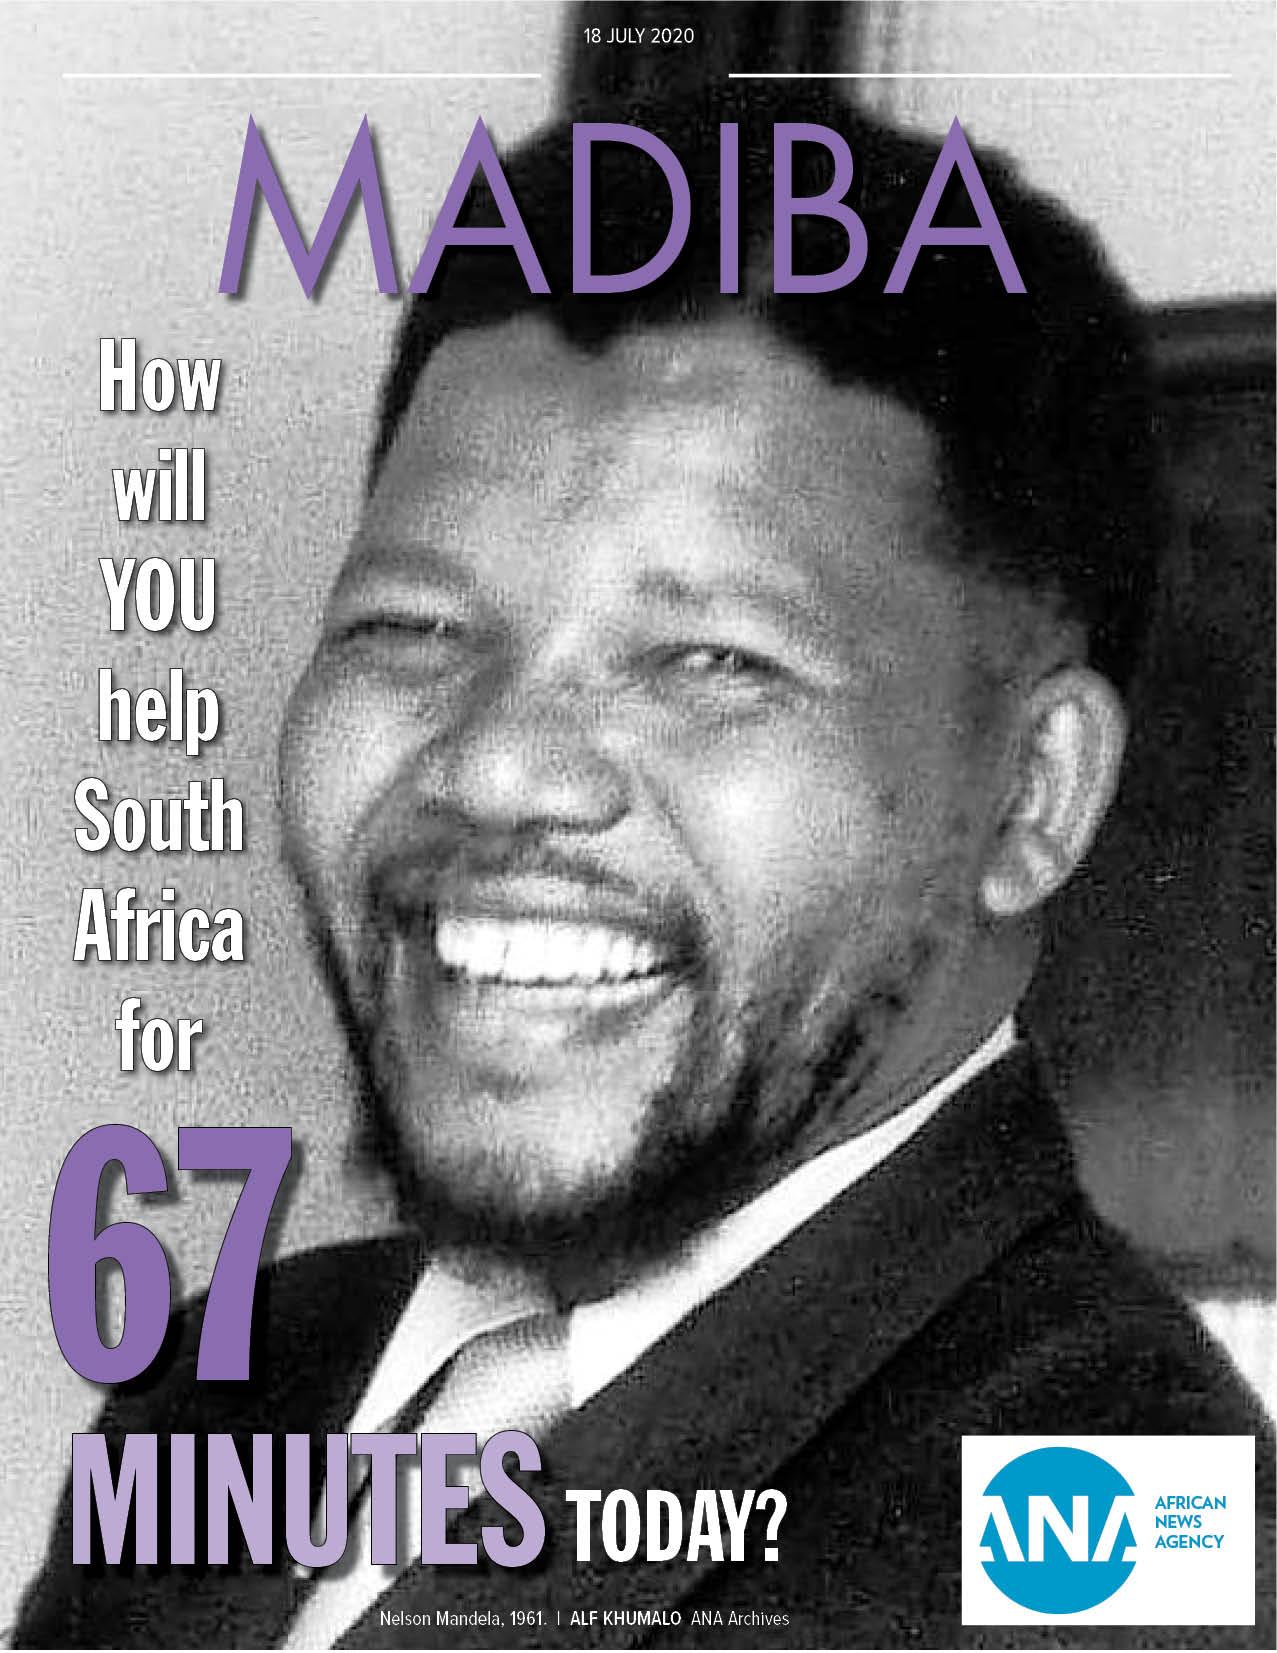 Celebrating Madiba